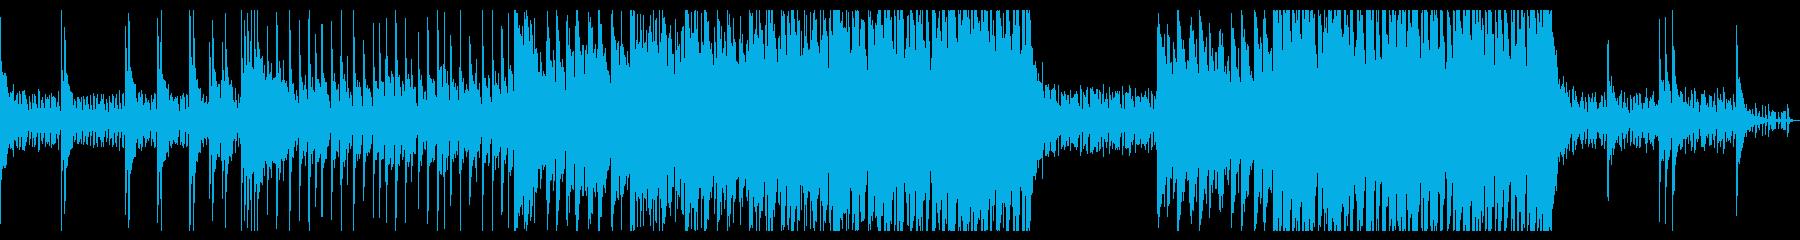 祭り太鼓〜太鼓合奏による躍動的で快活な曲の再生済みの波形